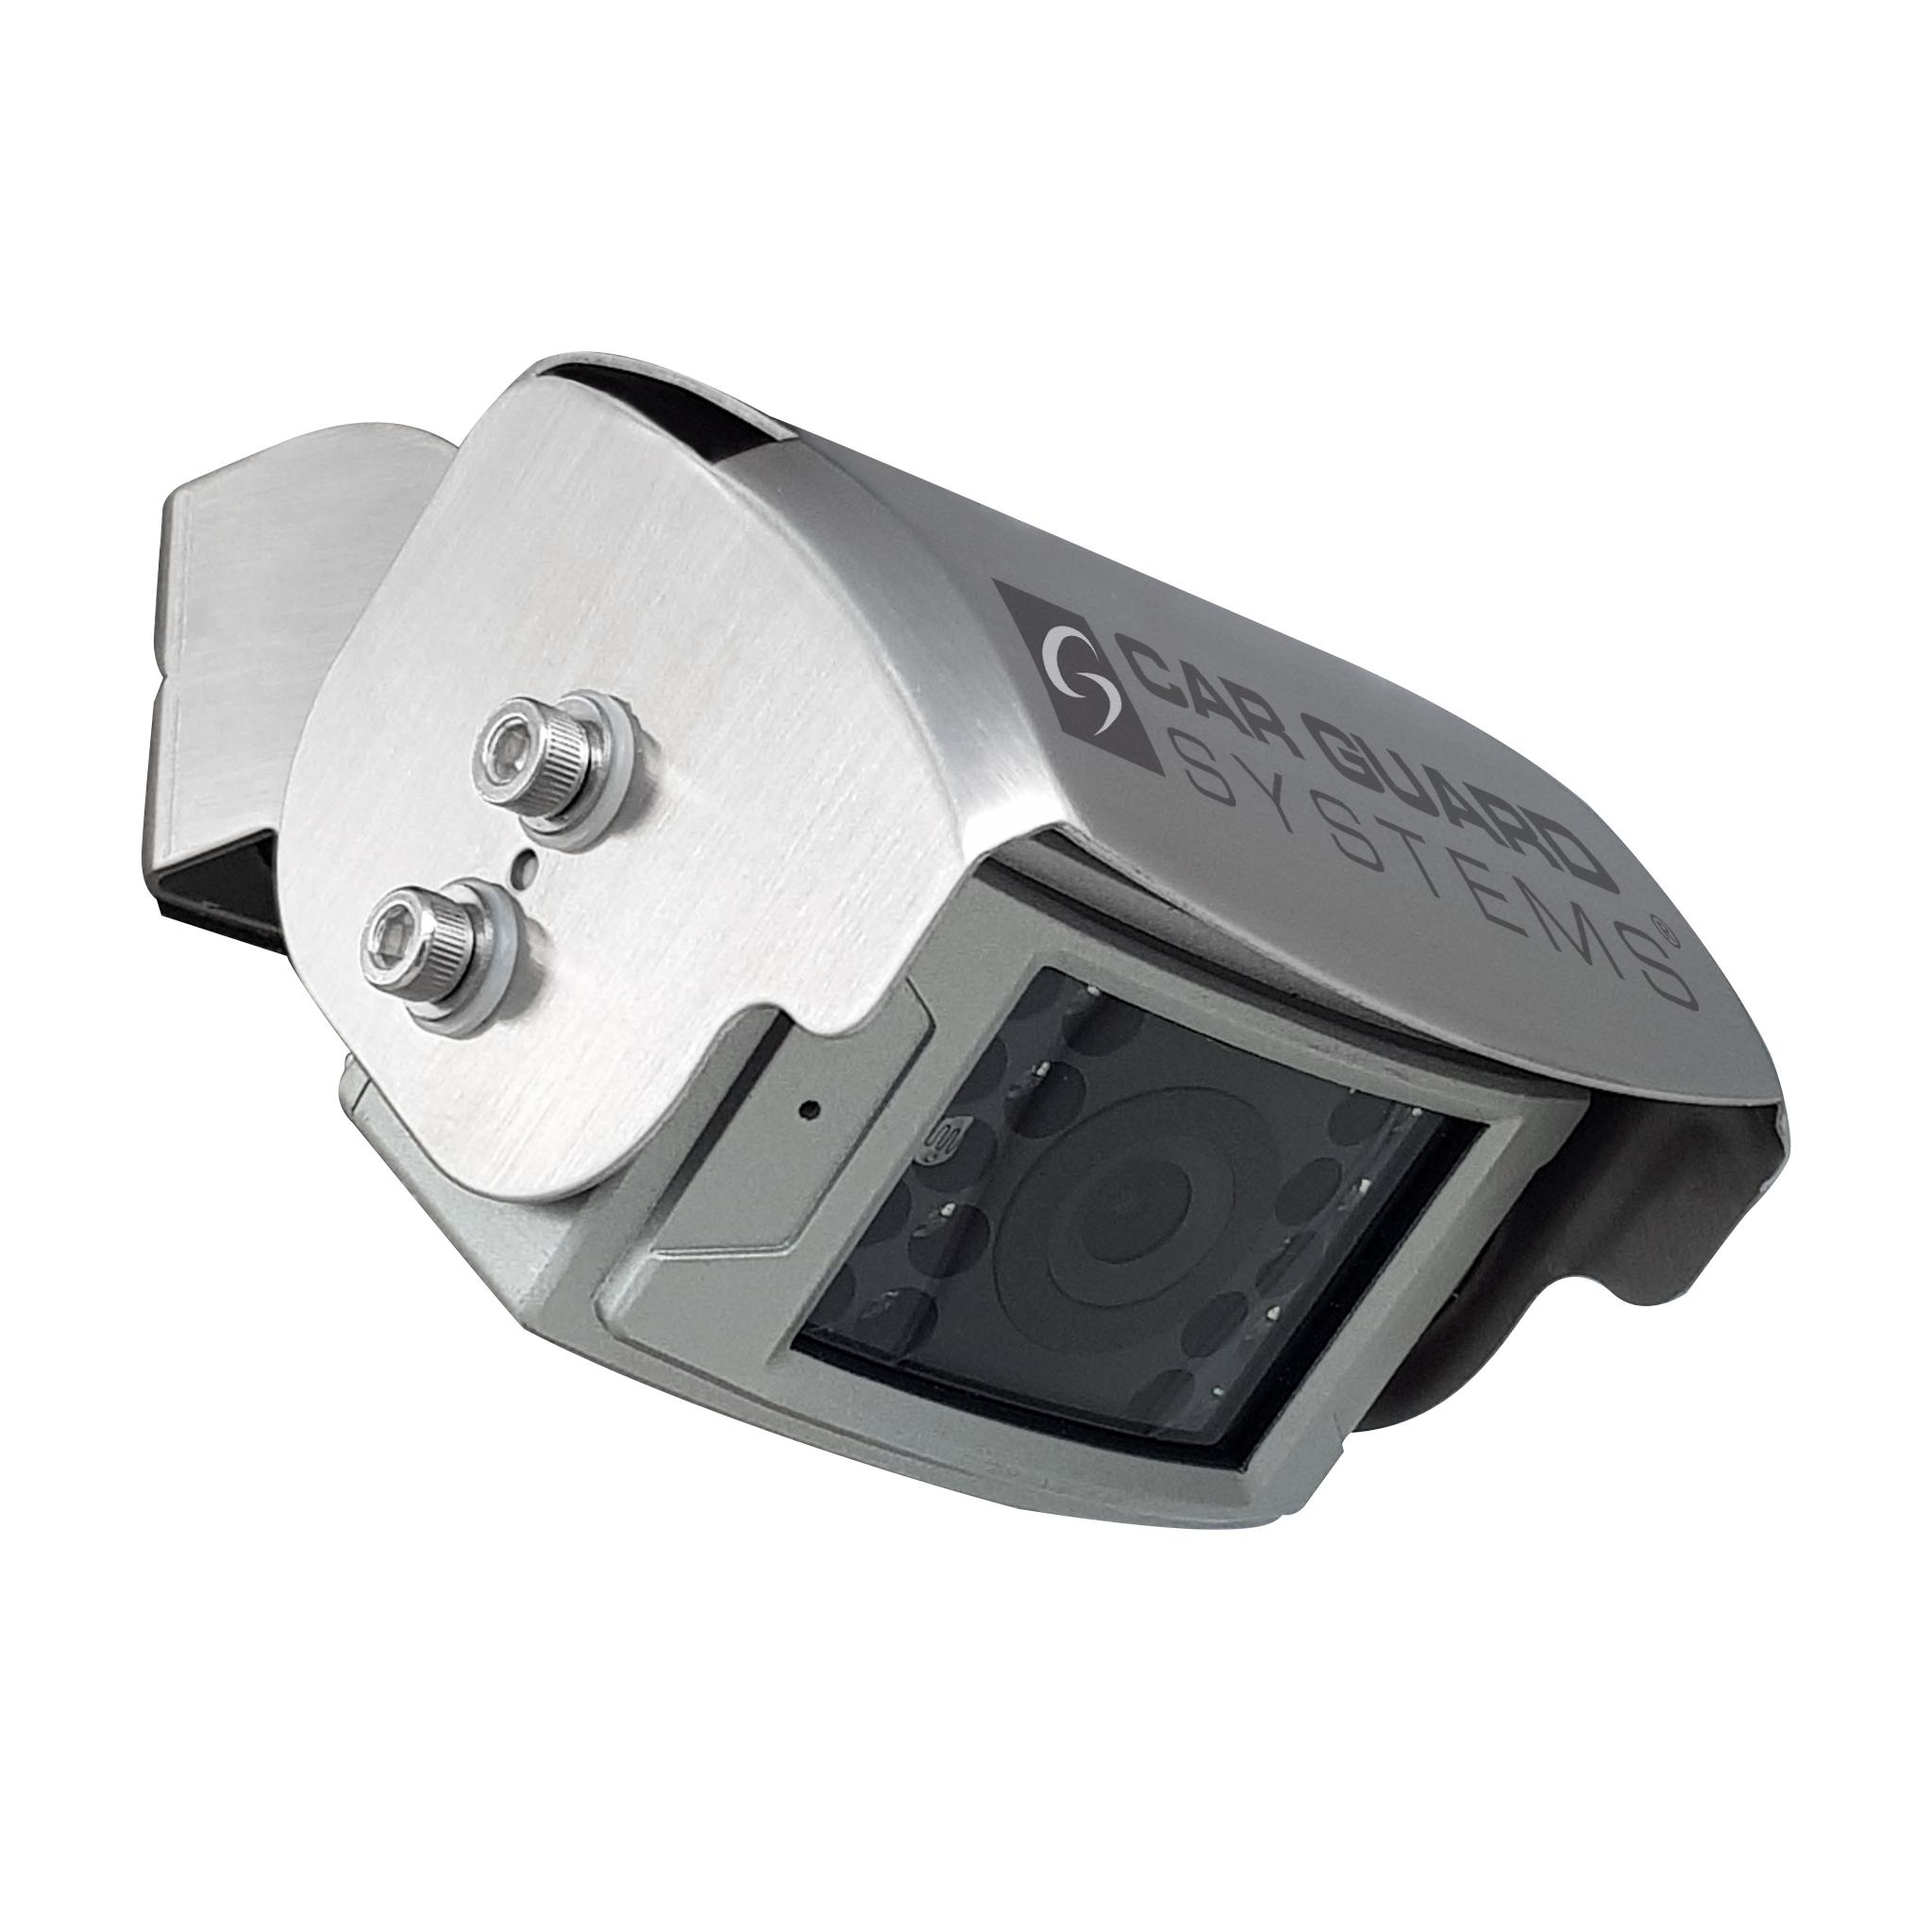 RAV-F rear view camera, 700 TVL, 125°, silver, 9-14V, PAL